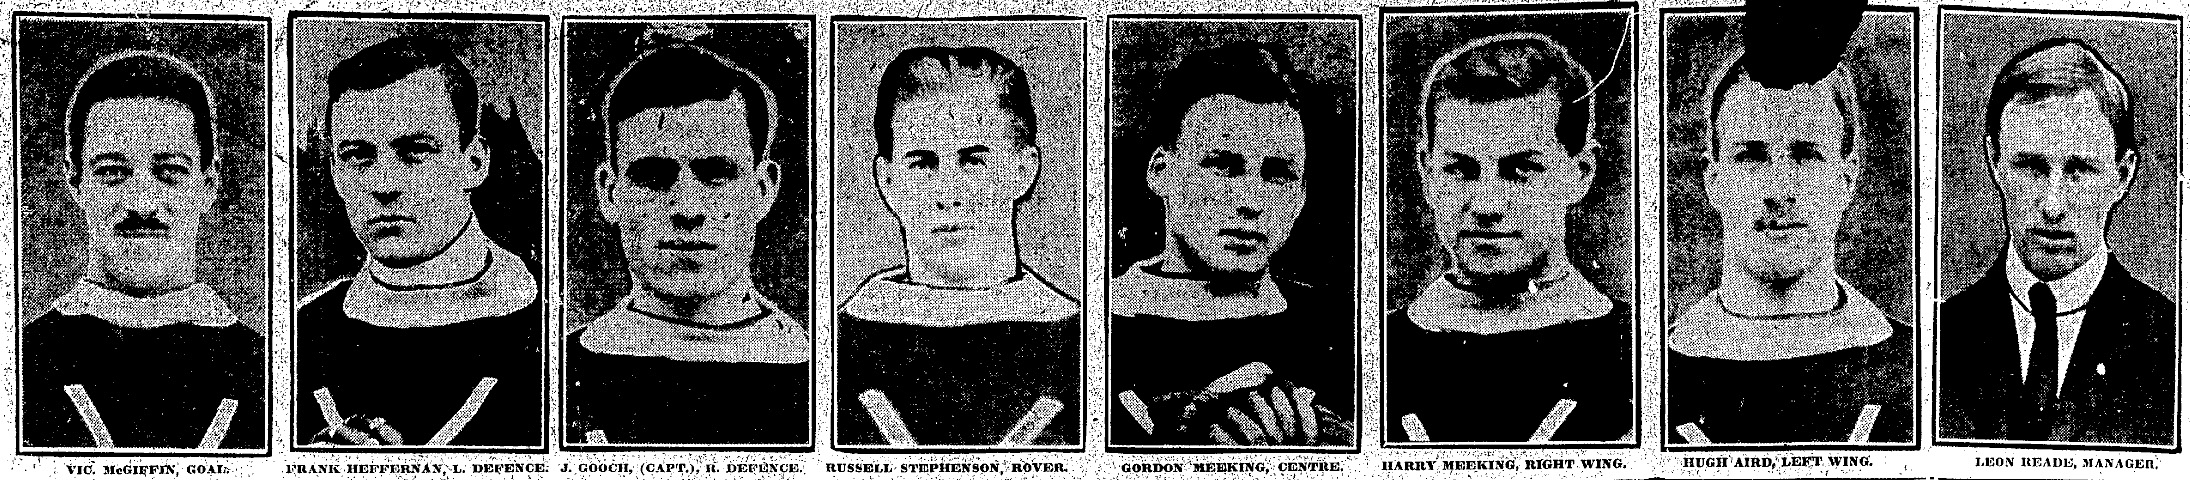 1914-15 OHA Senior Season